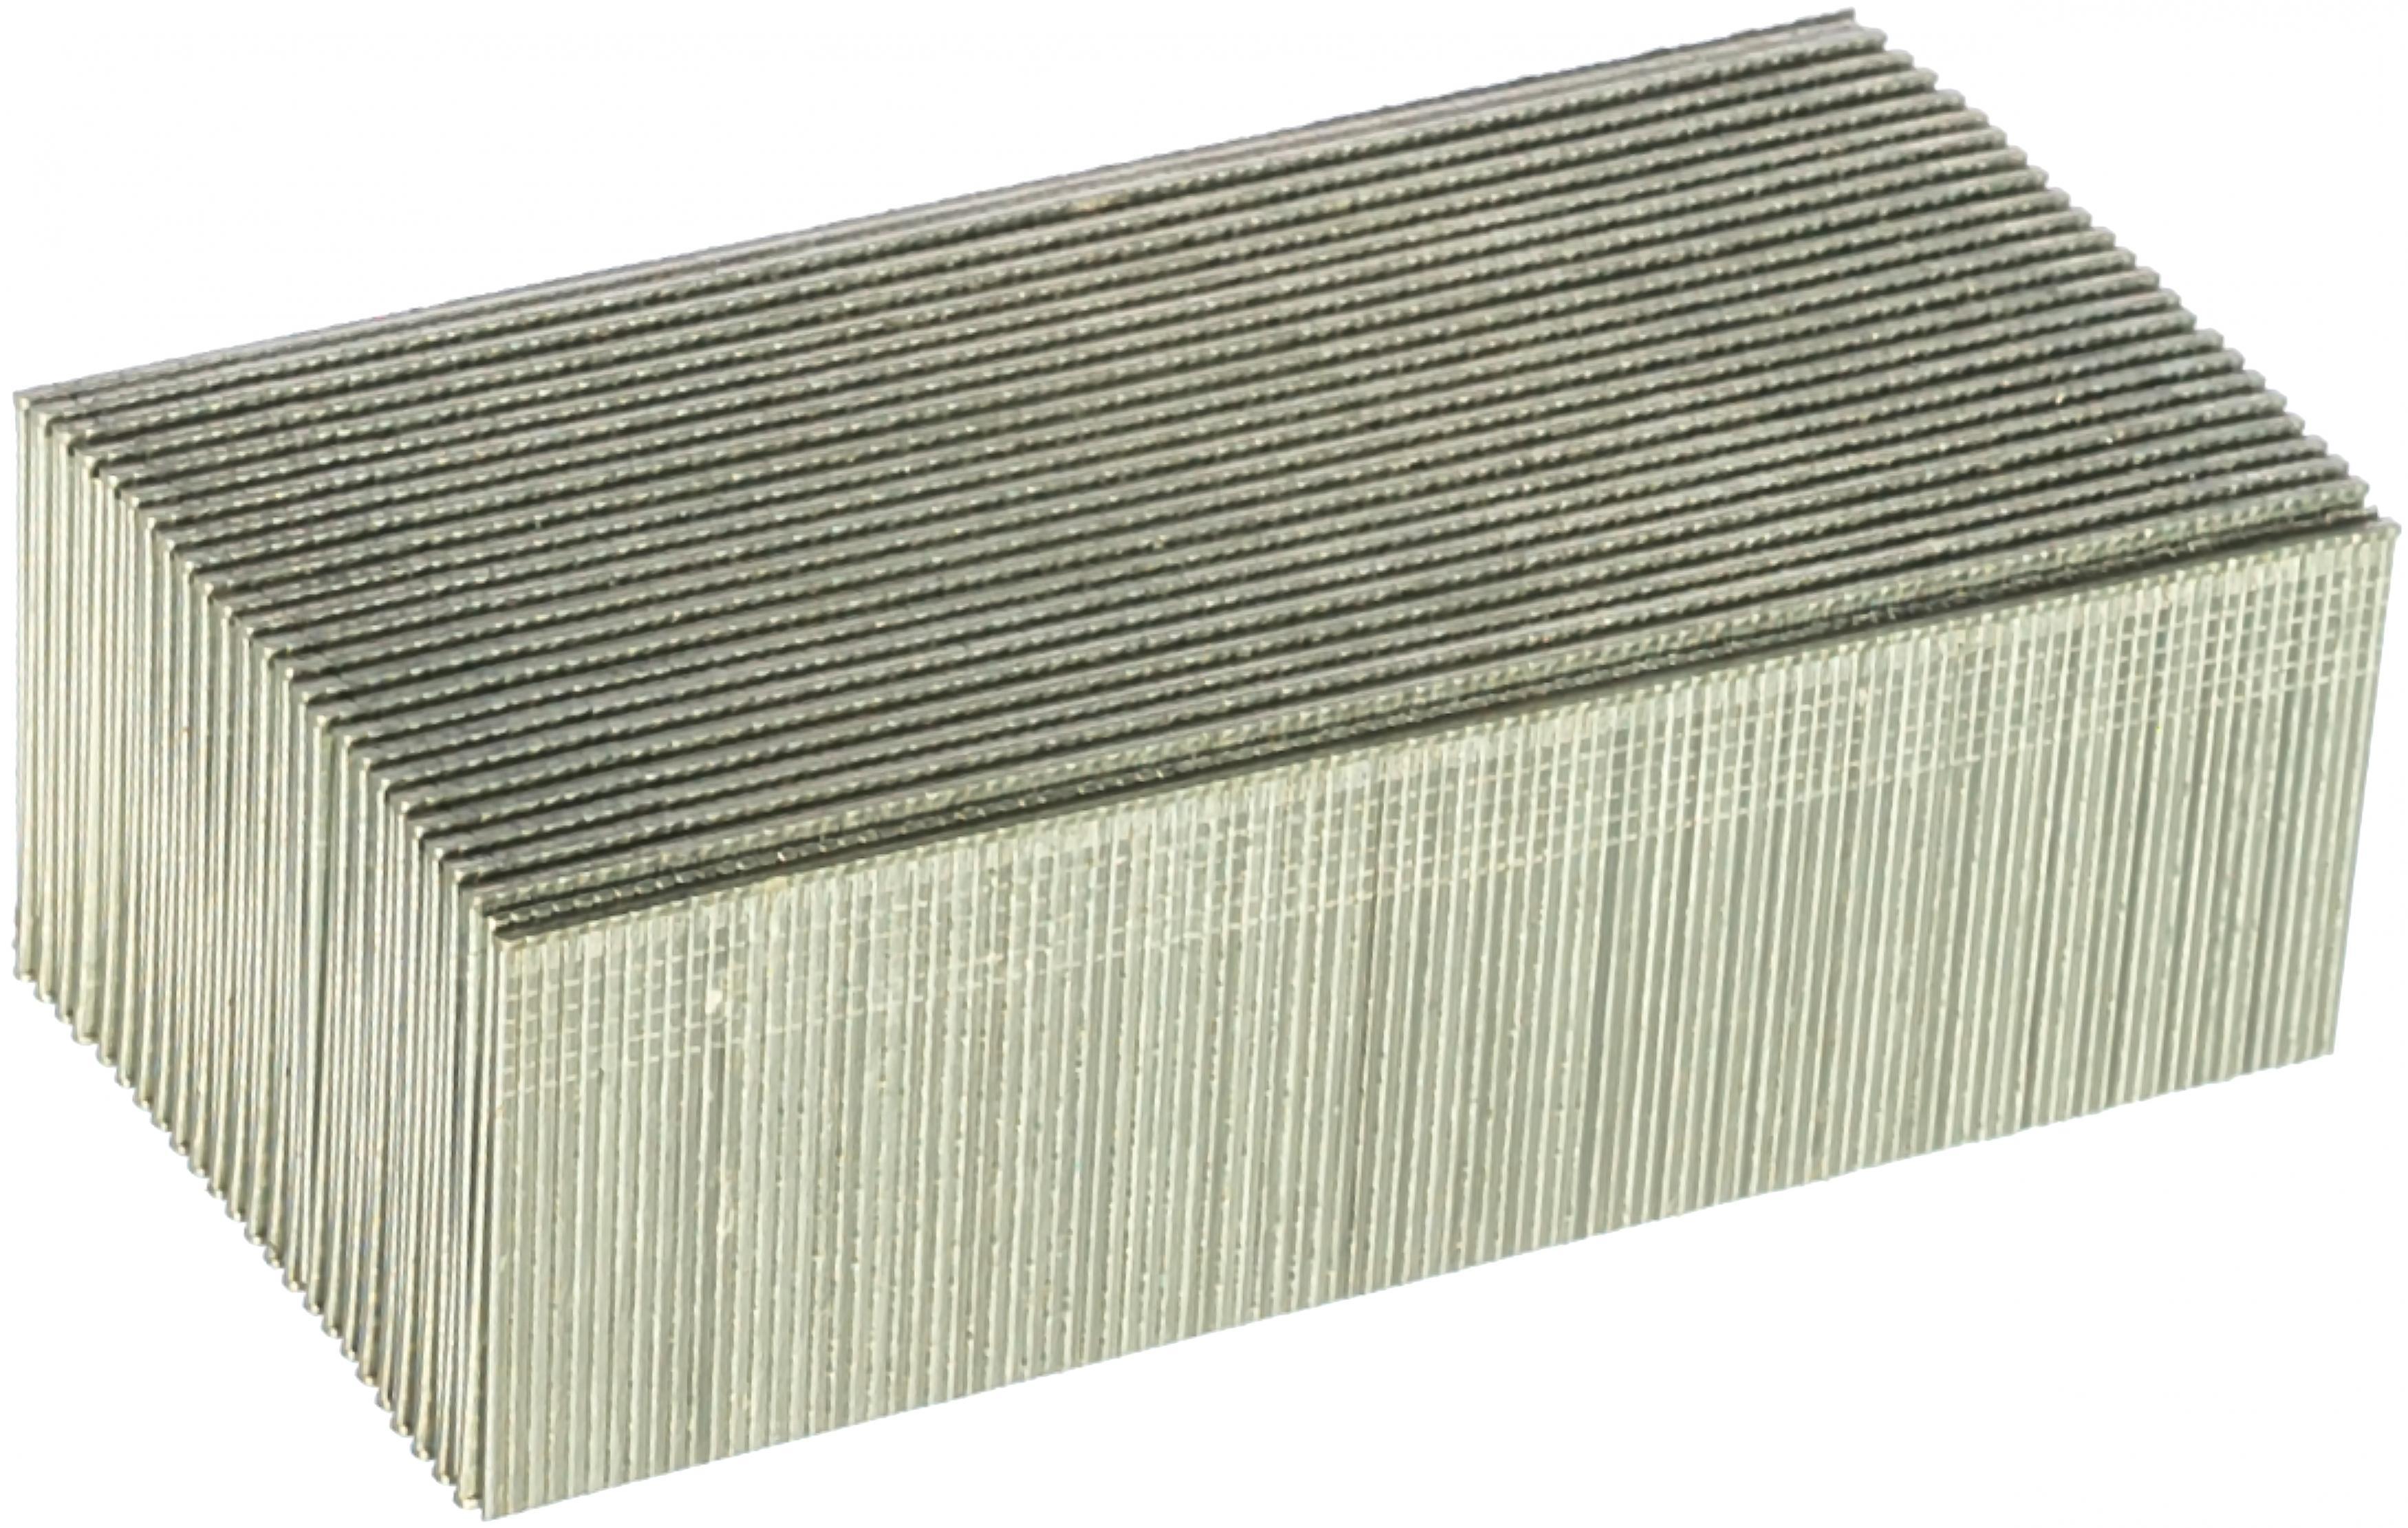 Гвозди для степлера Fubag для sn4050 140127 cкобы fubag для sn4050 1 05x1 25 мм 5 7x40 0 5000шт 140137